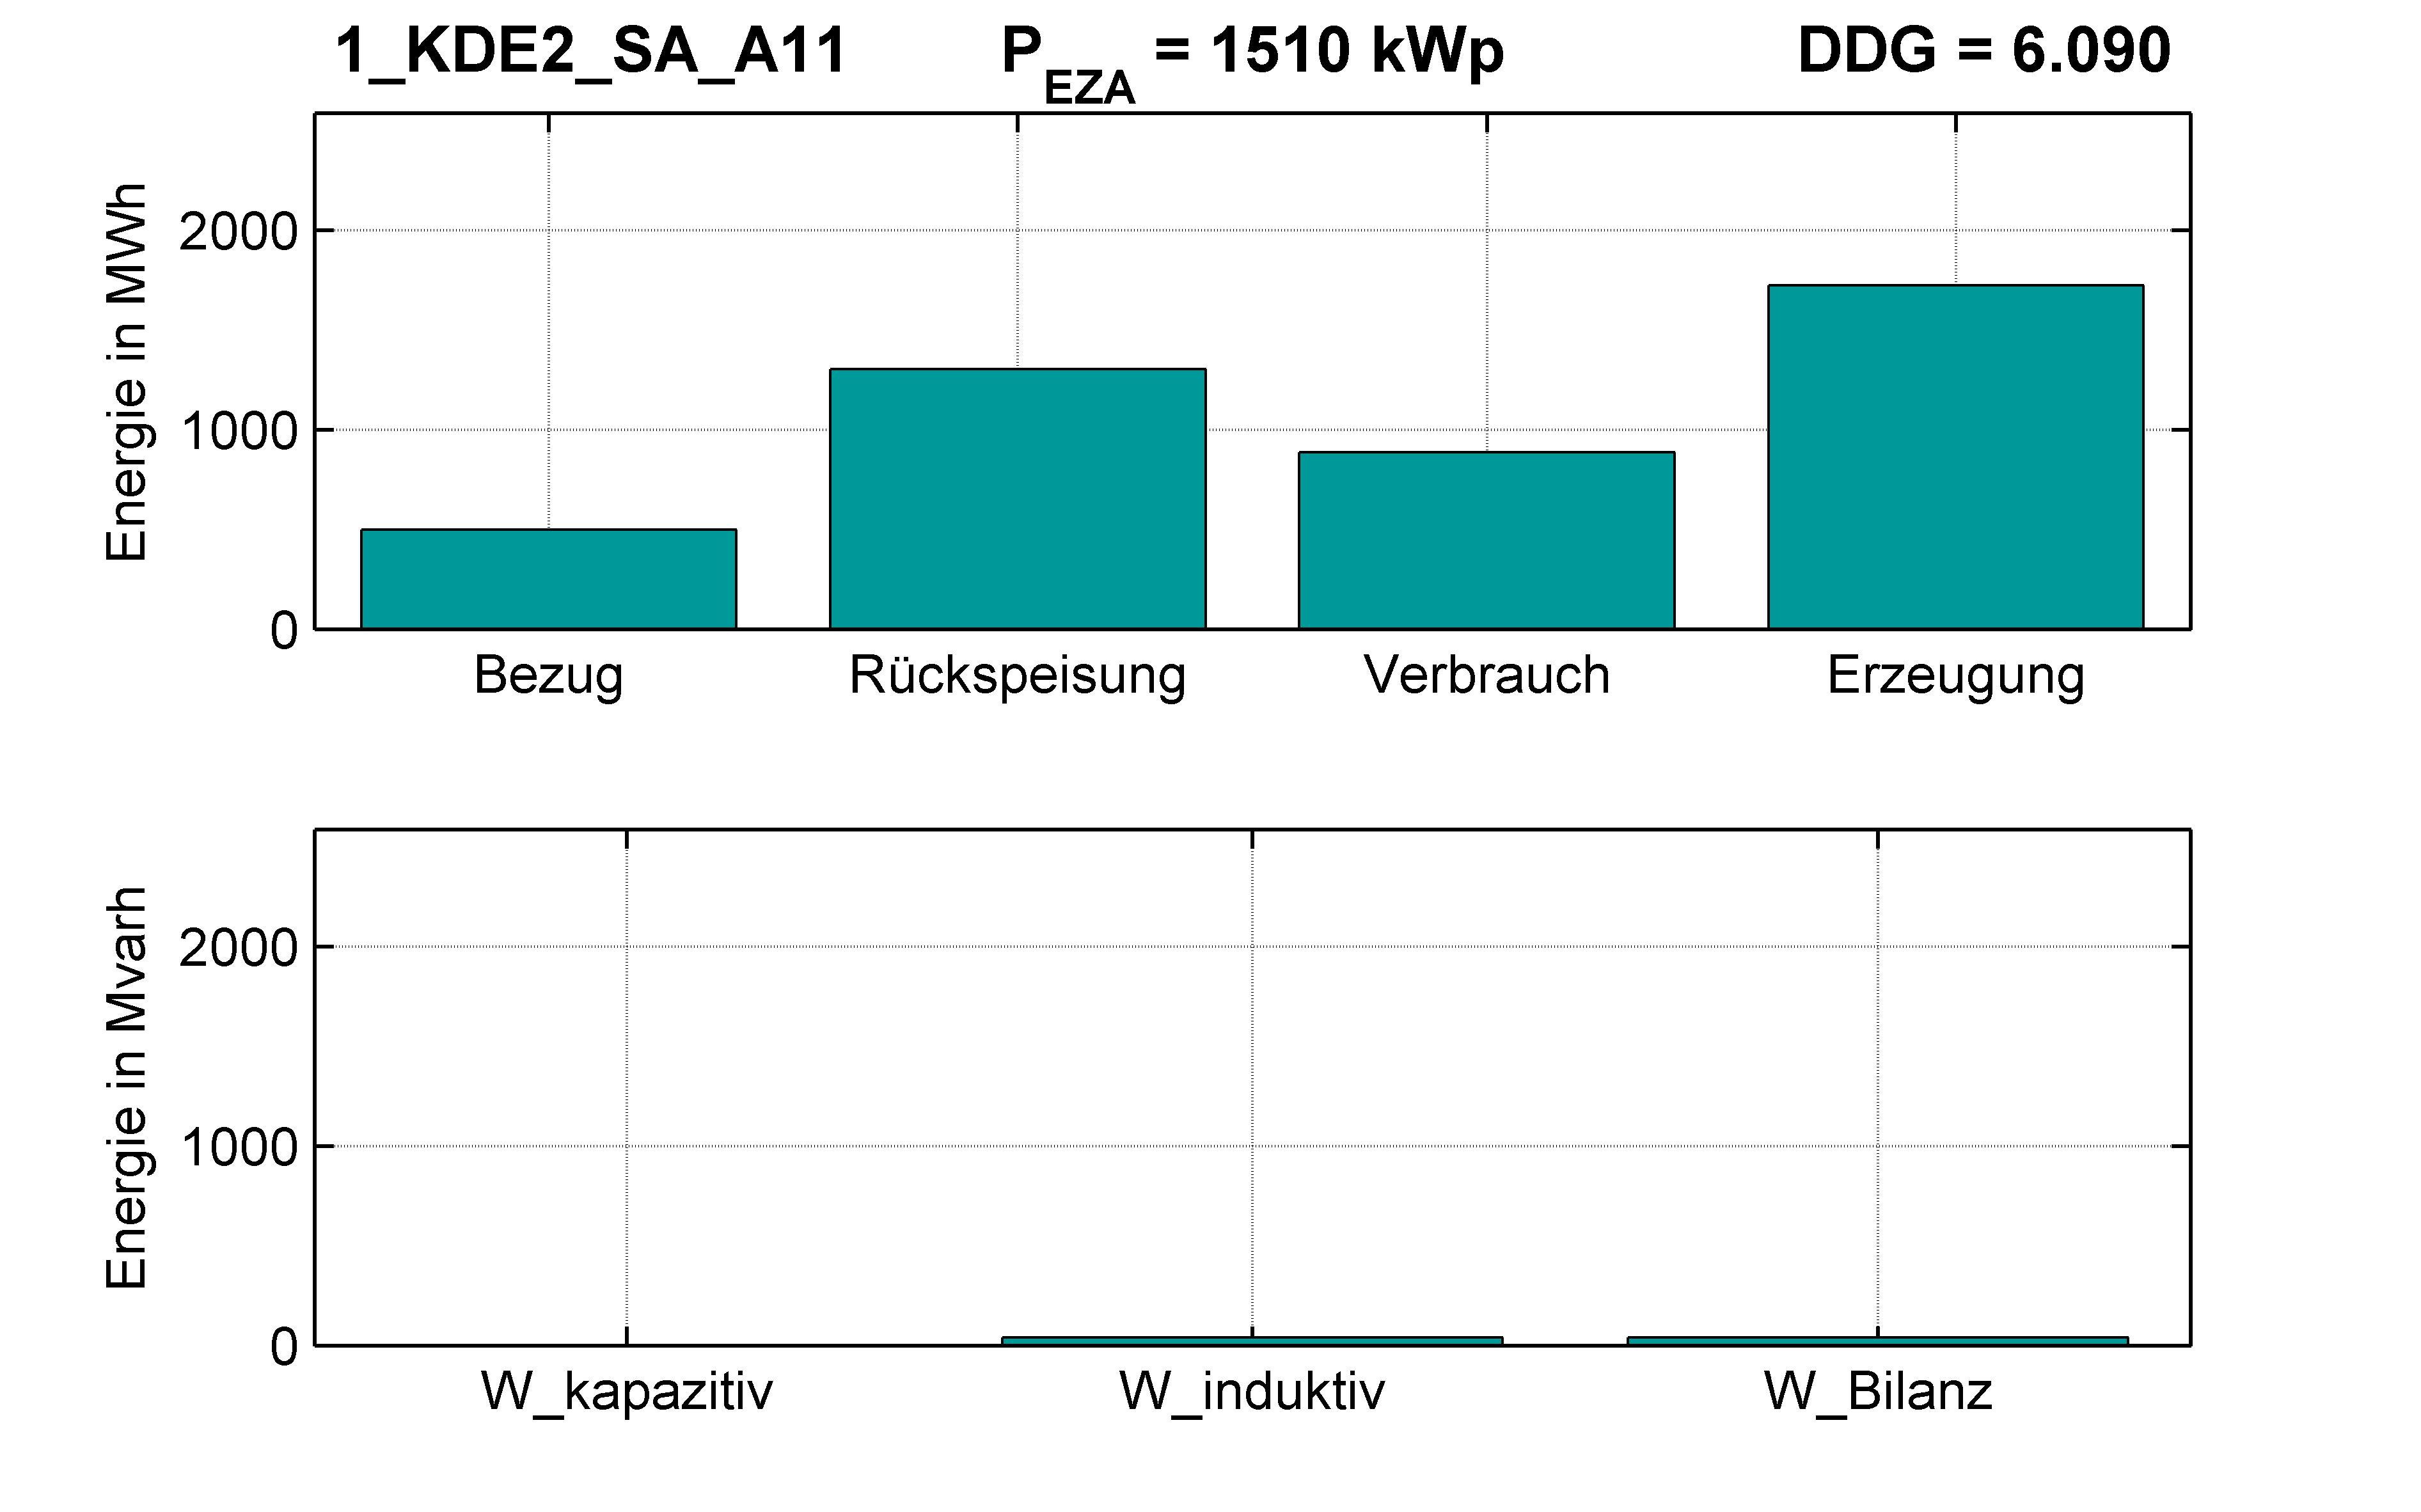 KDE2 | KABEL (SA) A11 | PQ-Bilanz